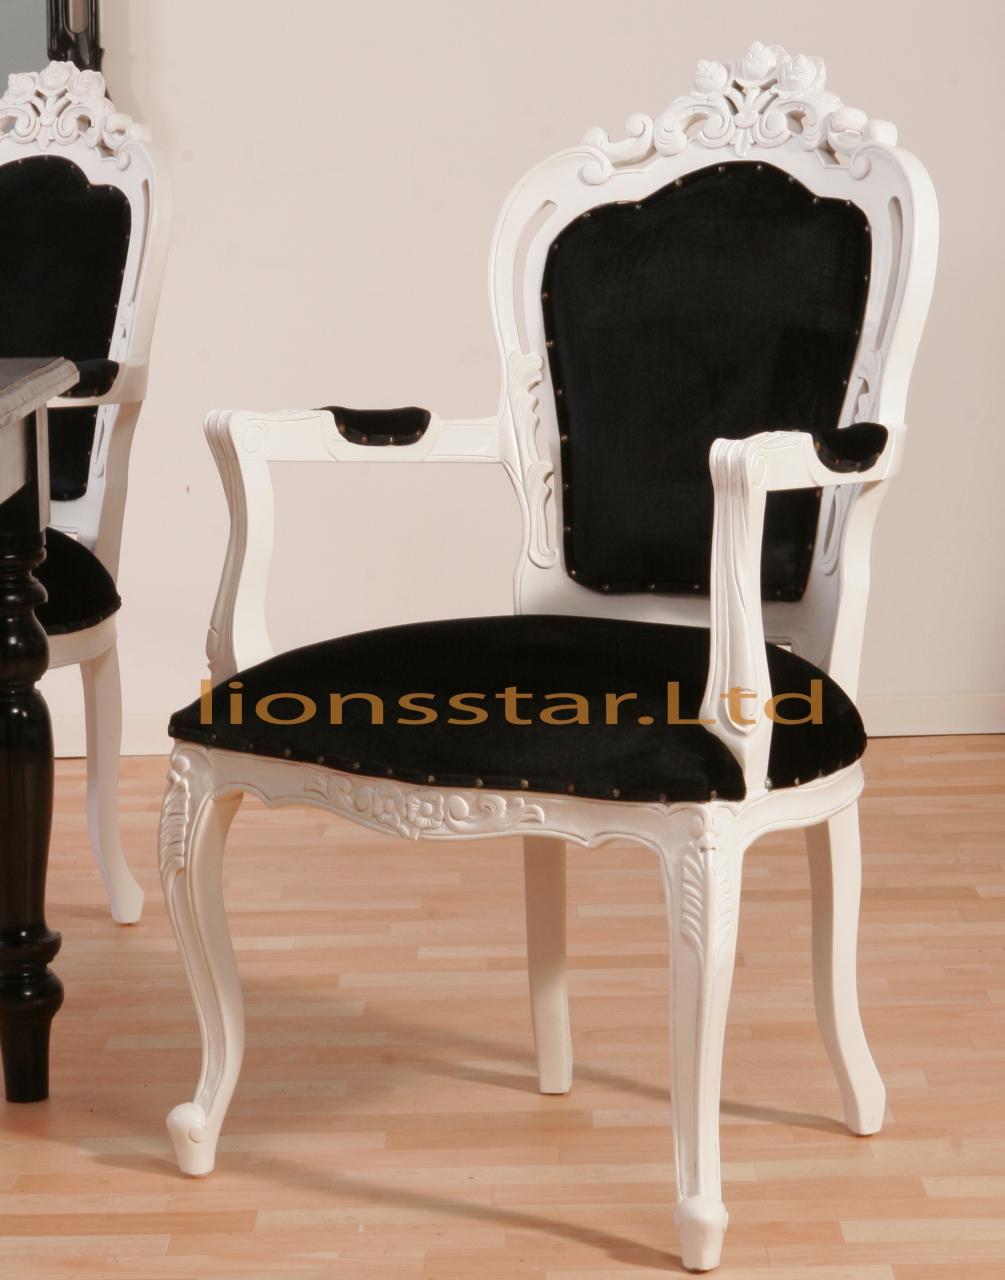 luxus esszimmer m bel luxus f r ihr heim lionsstar gmbh. Black Bedroom Furniture Sets. Home Design Ideas